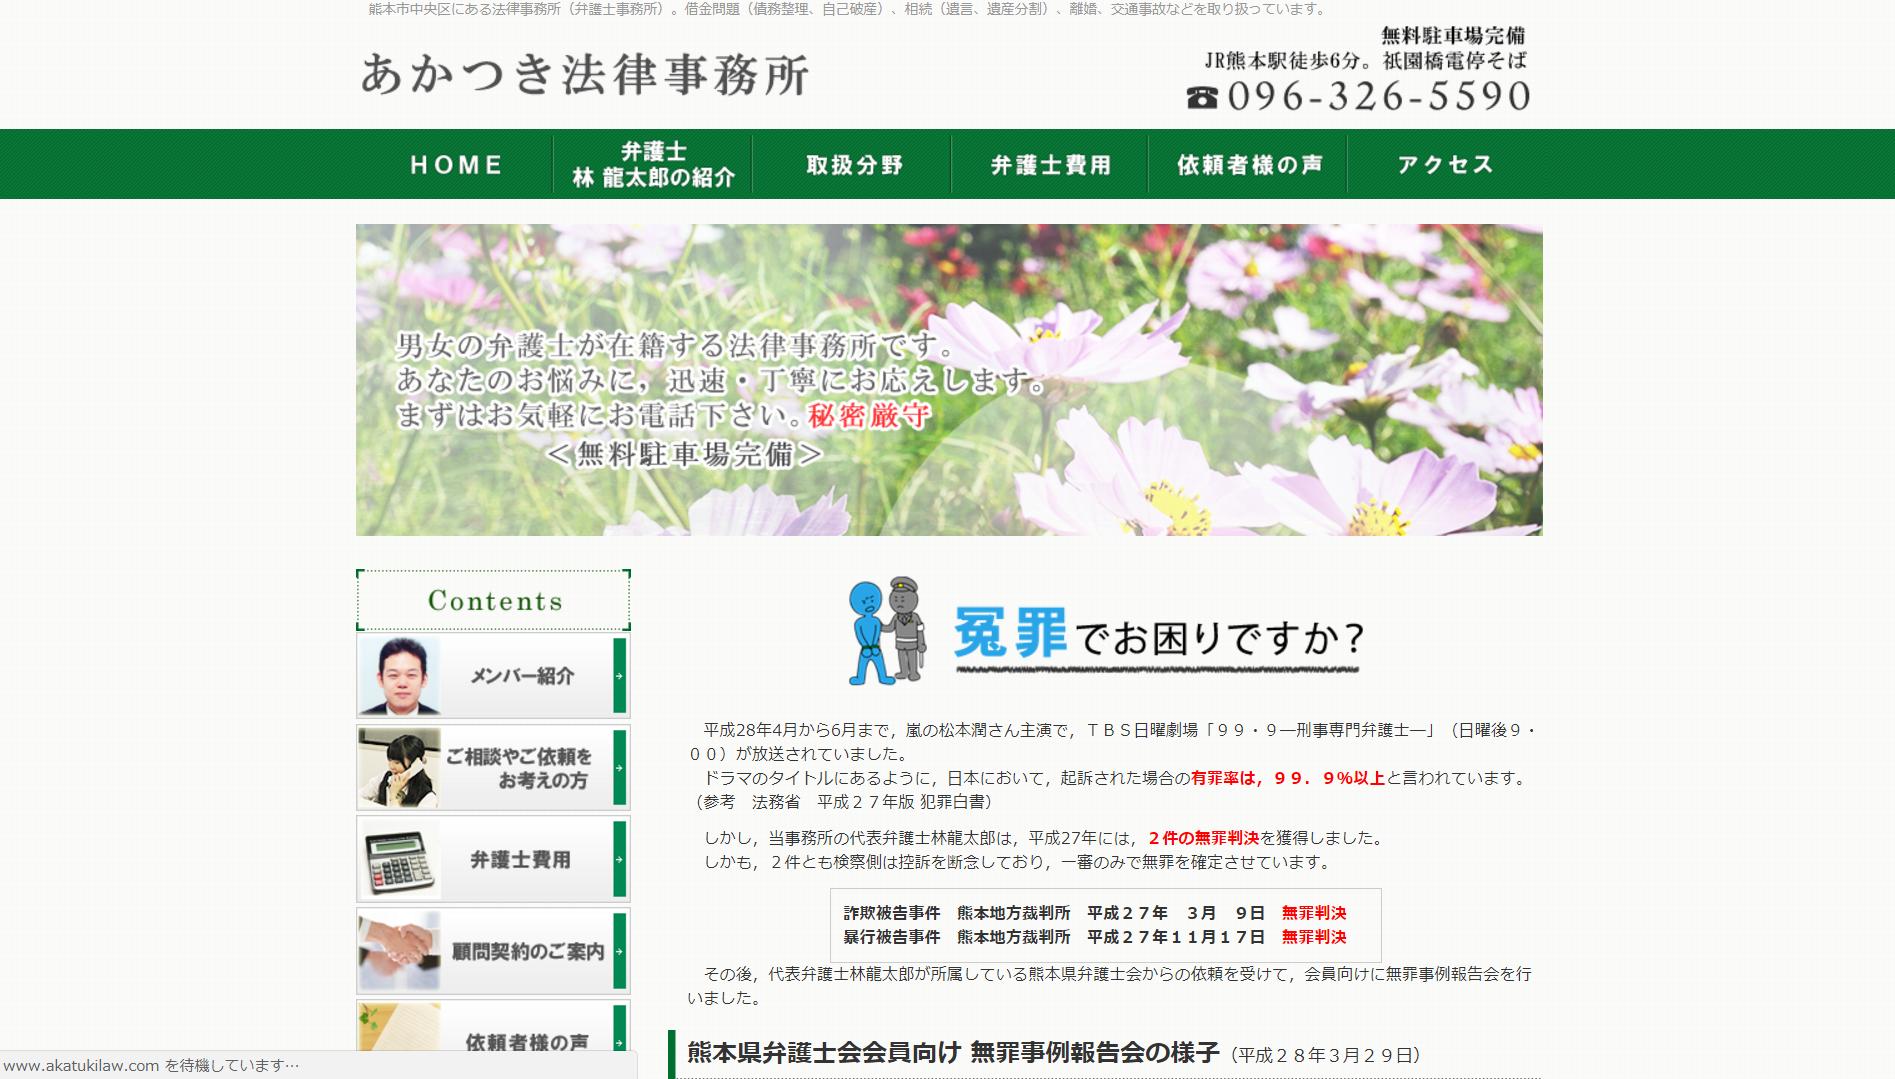 あかつき法律事務所(熊本県熊本市中央区)